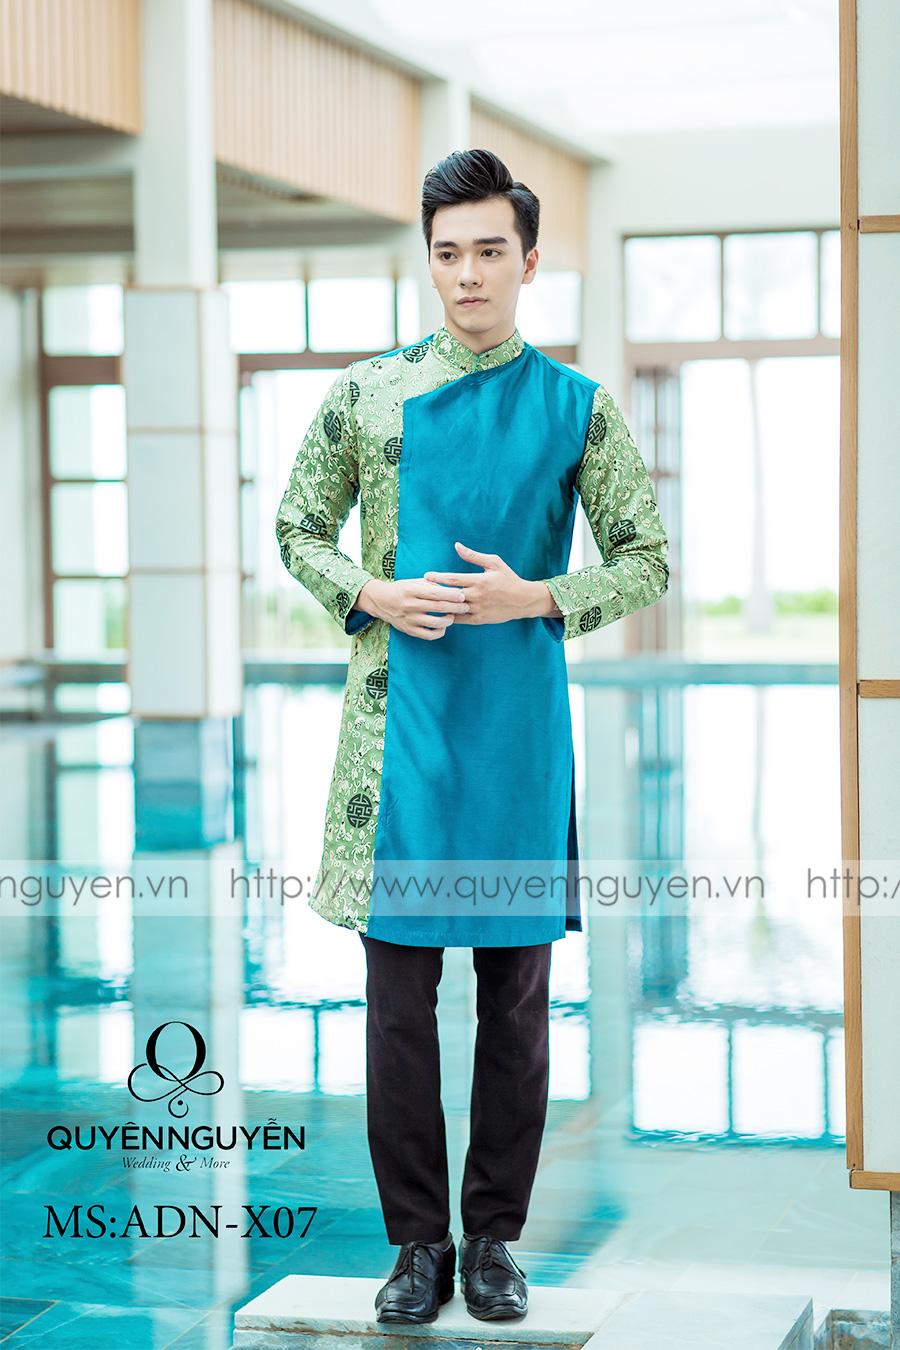 Chất lượng áo dài nam tại Quyên Nguyễn được đảm bảo